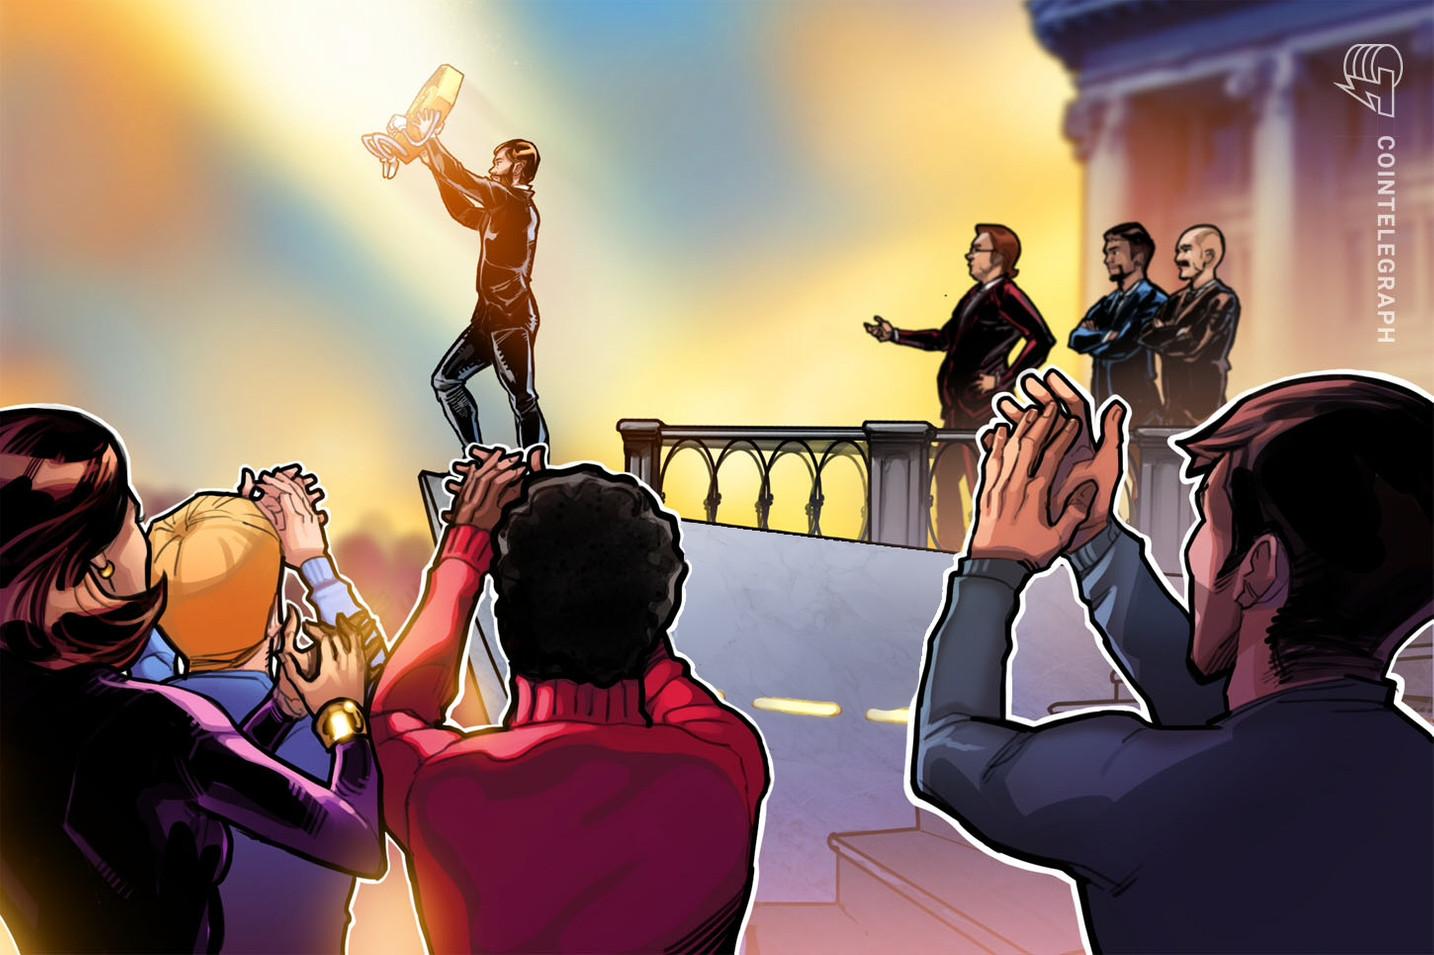 Bitfinex confirma que oferta inicial de exchange vai levantar até US$ 1 bilhão em Tether